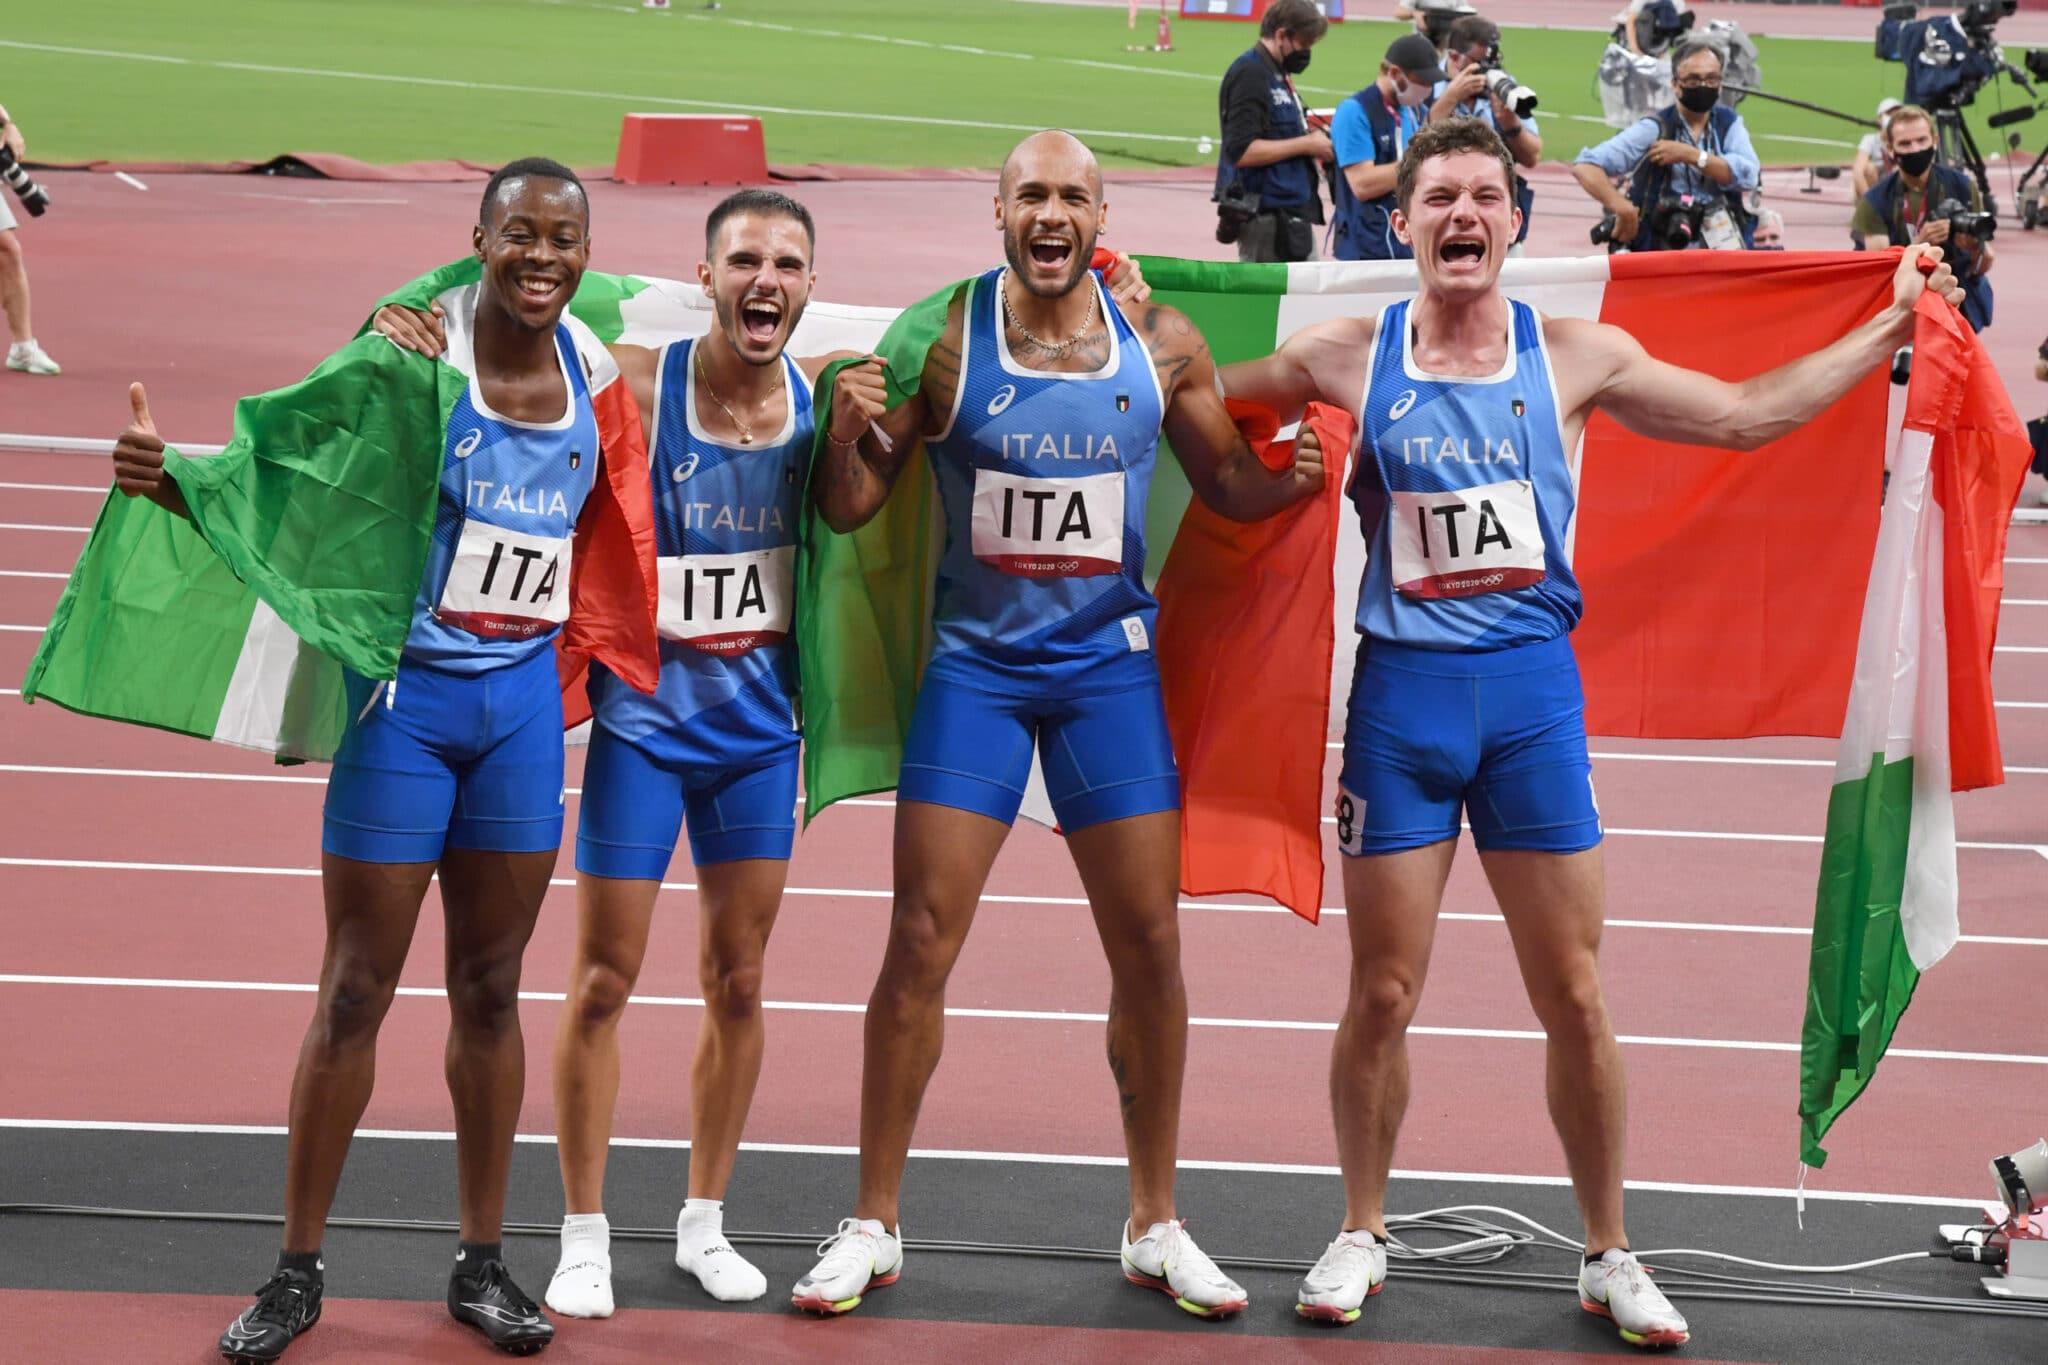 Tokyo 2020, Atletica: storico oro degli azzurri nella staffetta 4x100. Crediti: Alfredo Falcone